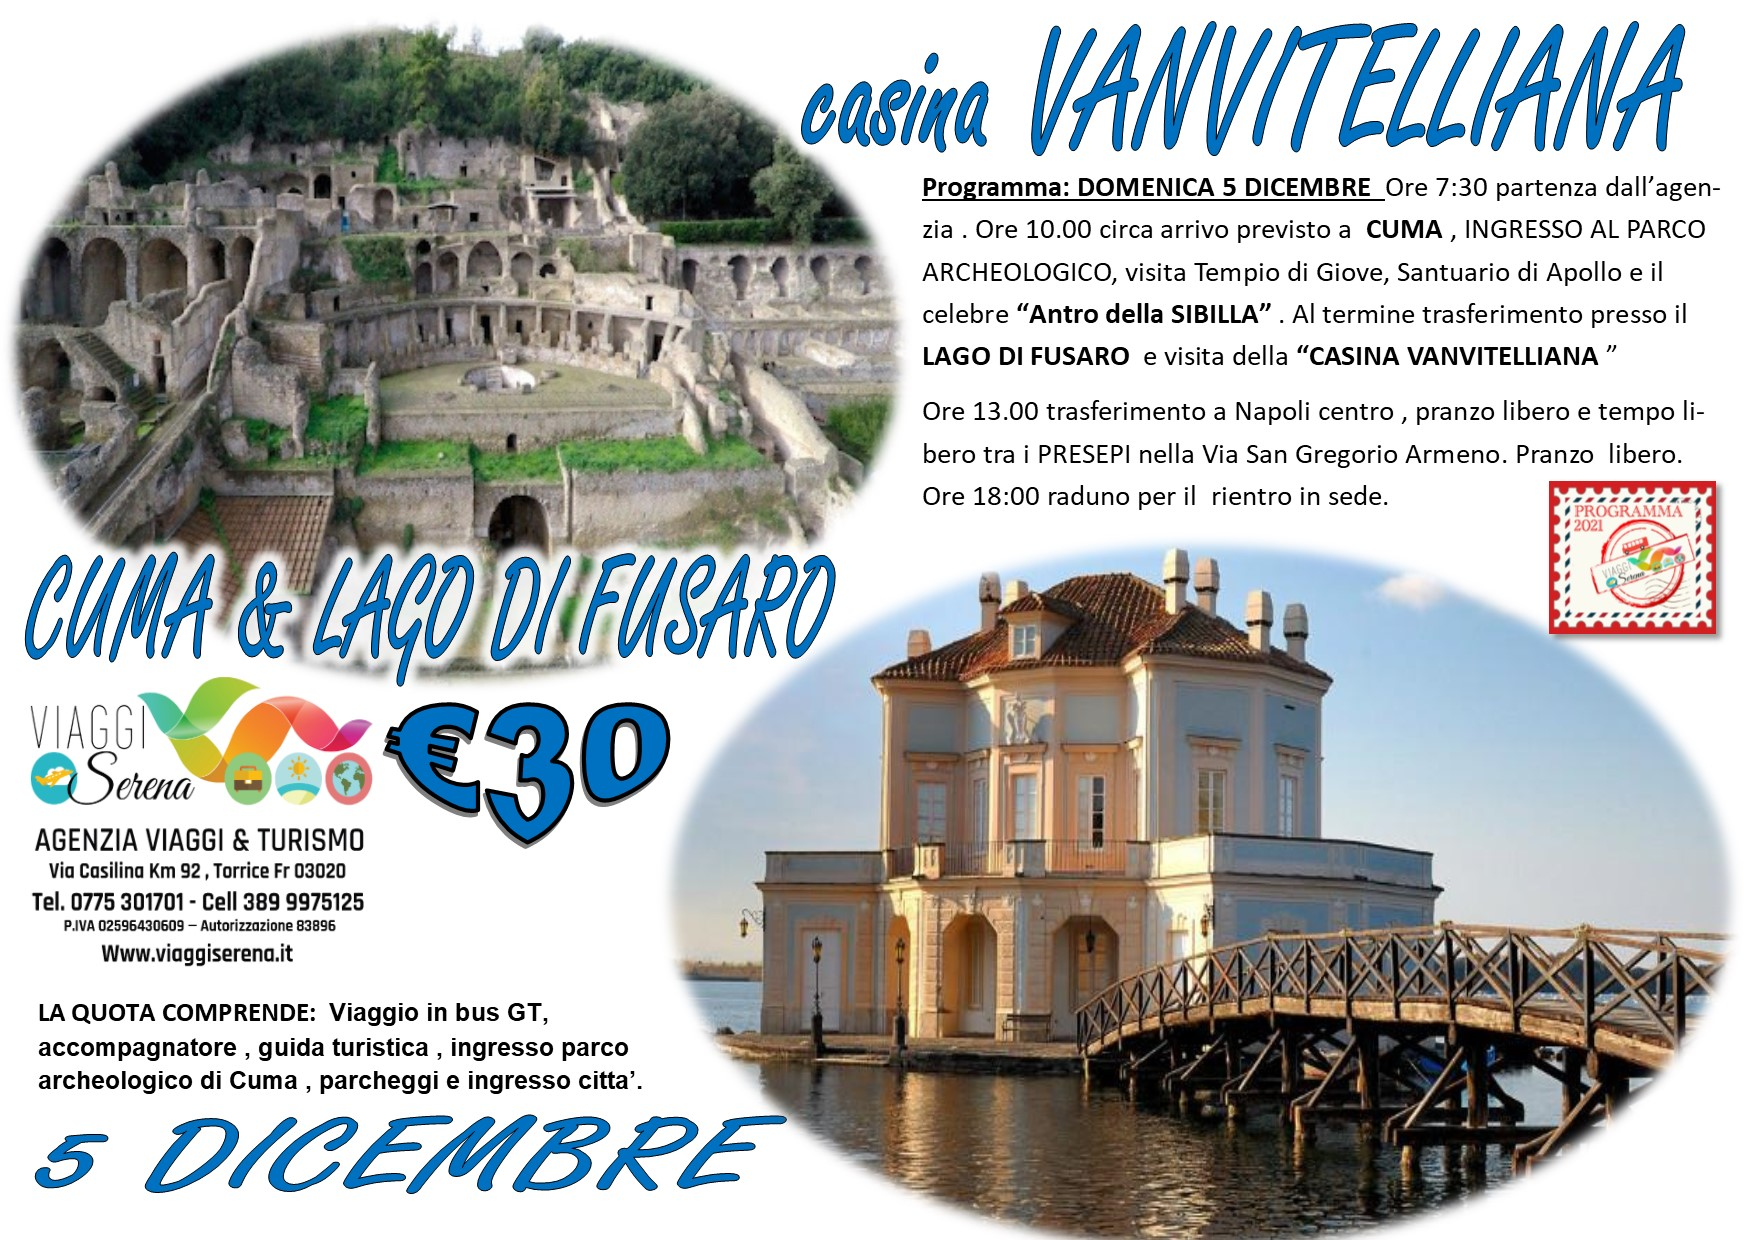 Viaggi di Gruppo: Lago di Fusaro, Casina VANVITELLIANA & Cuma 5 Dicembre € 30,00